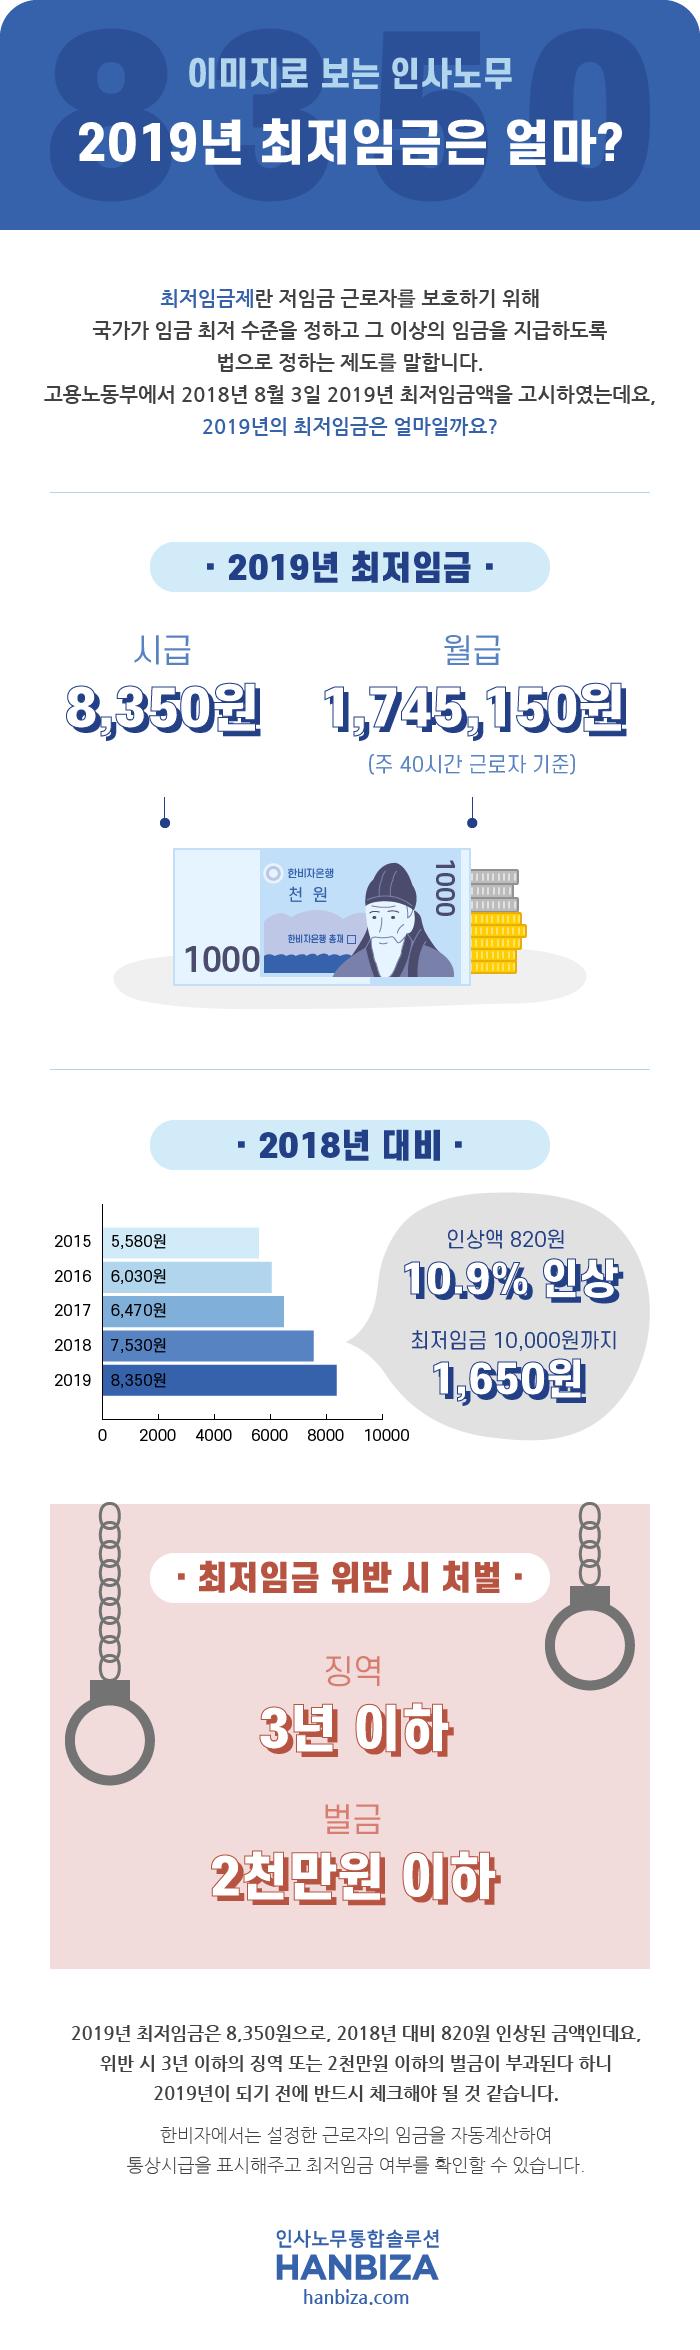 한비자 이미지로보는인사노무#002 2019년 최저임금은 얼마?